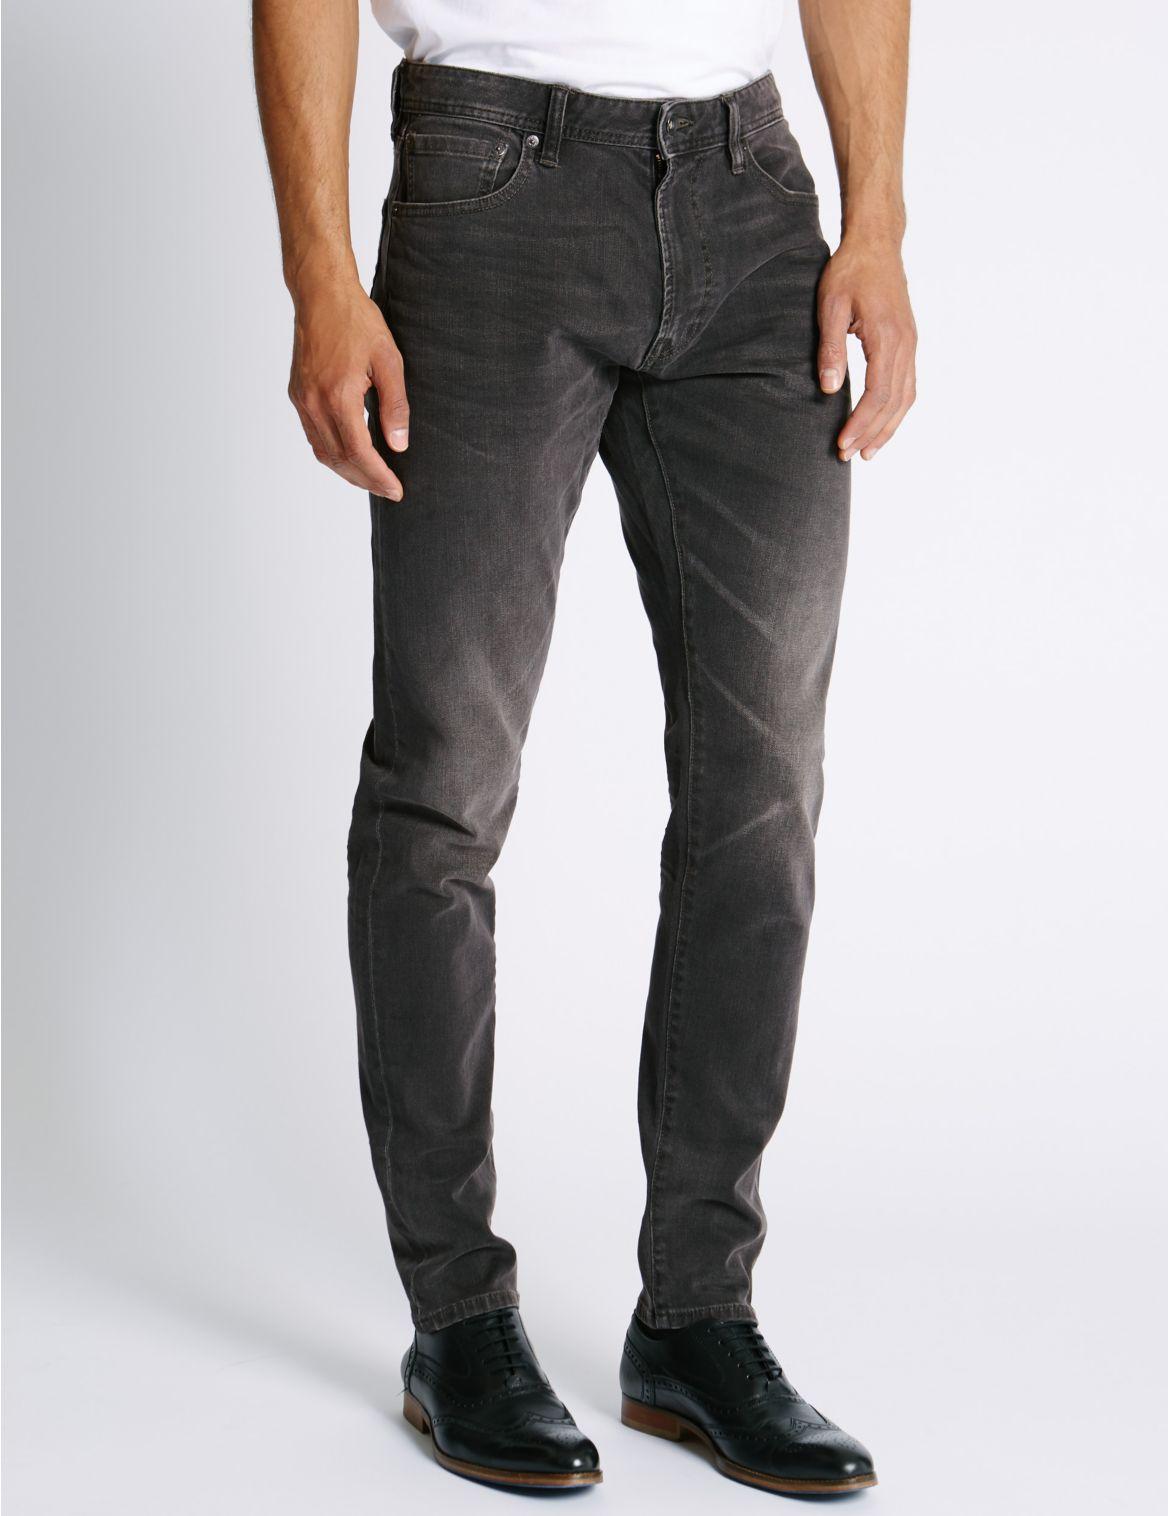 Verwassen jeans met slanke pasvorm